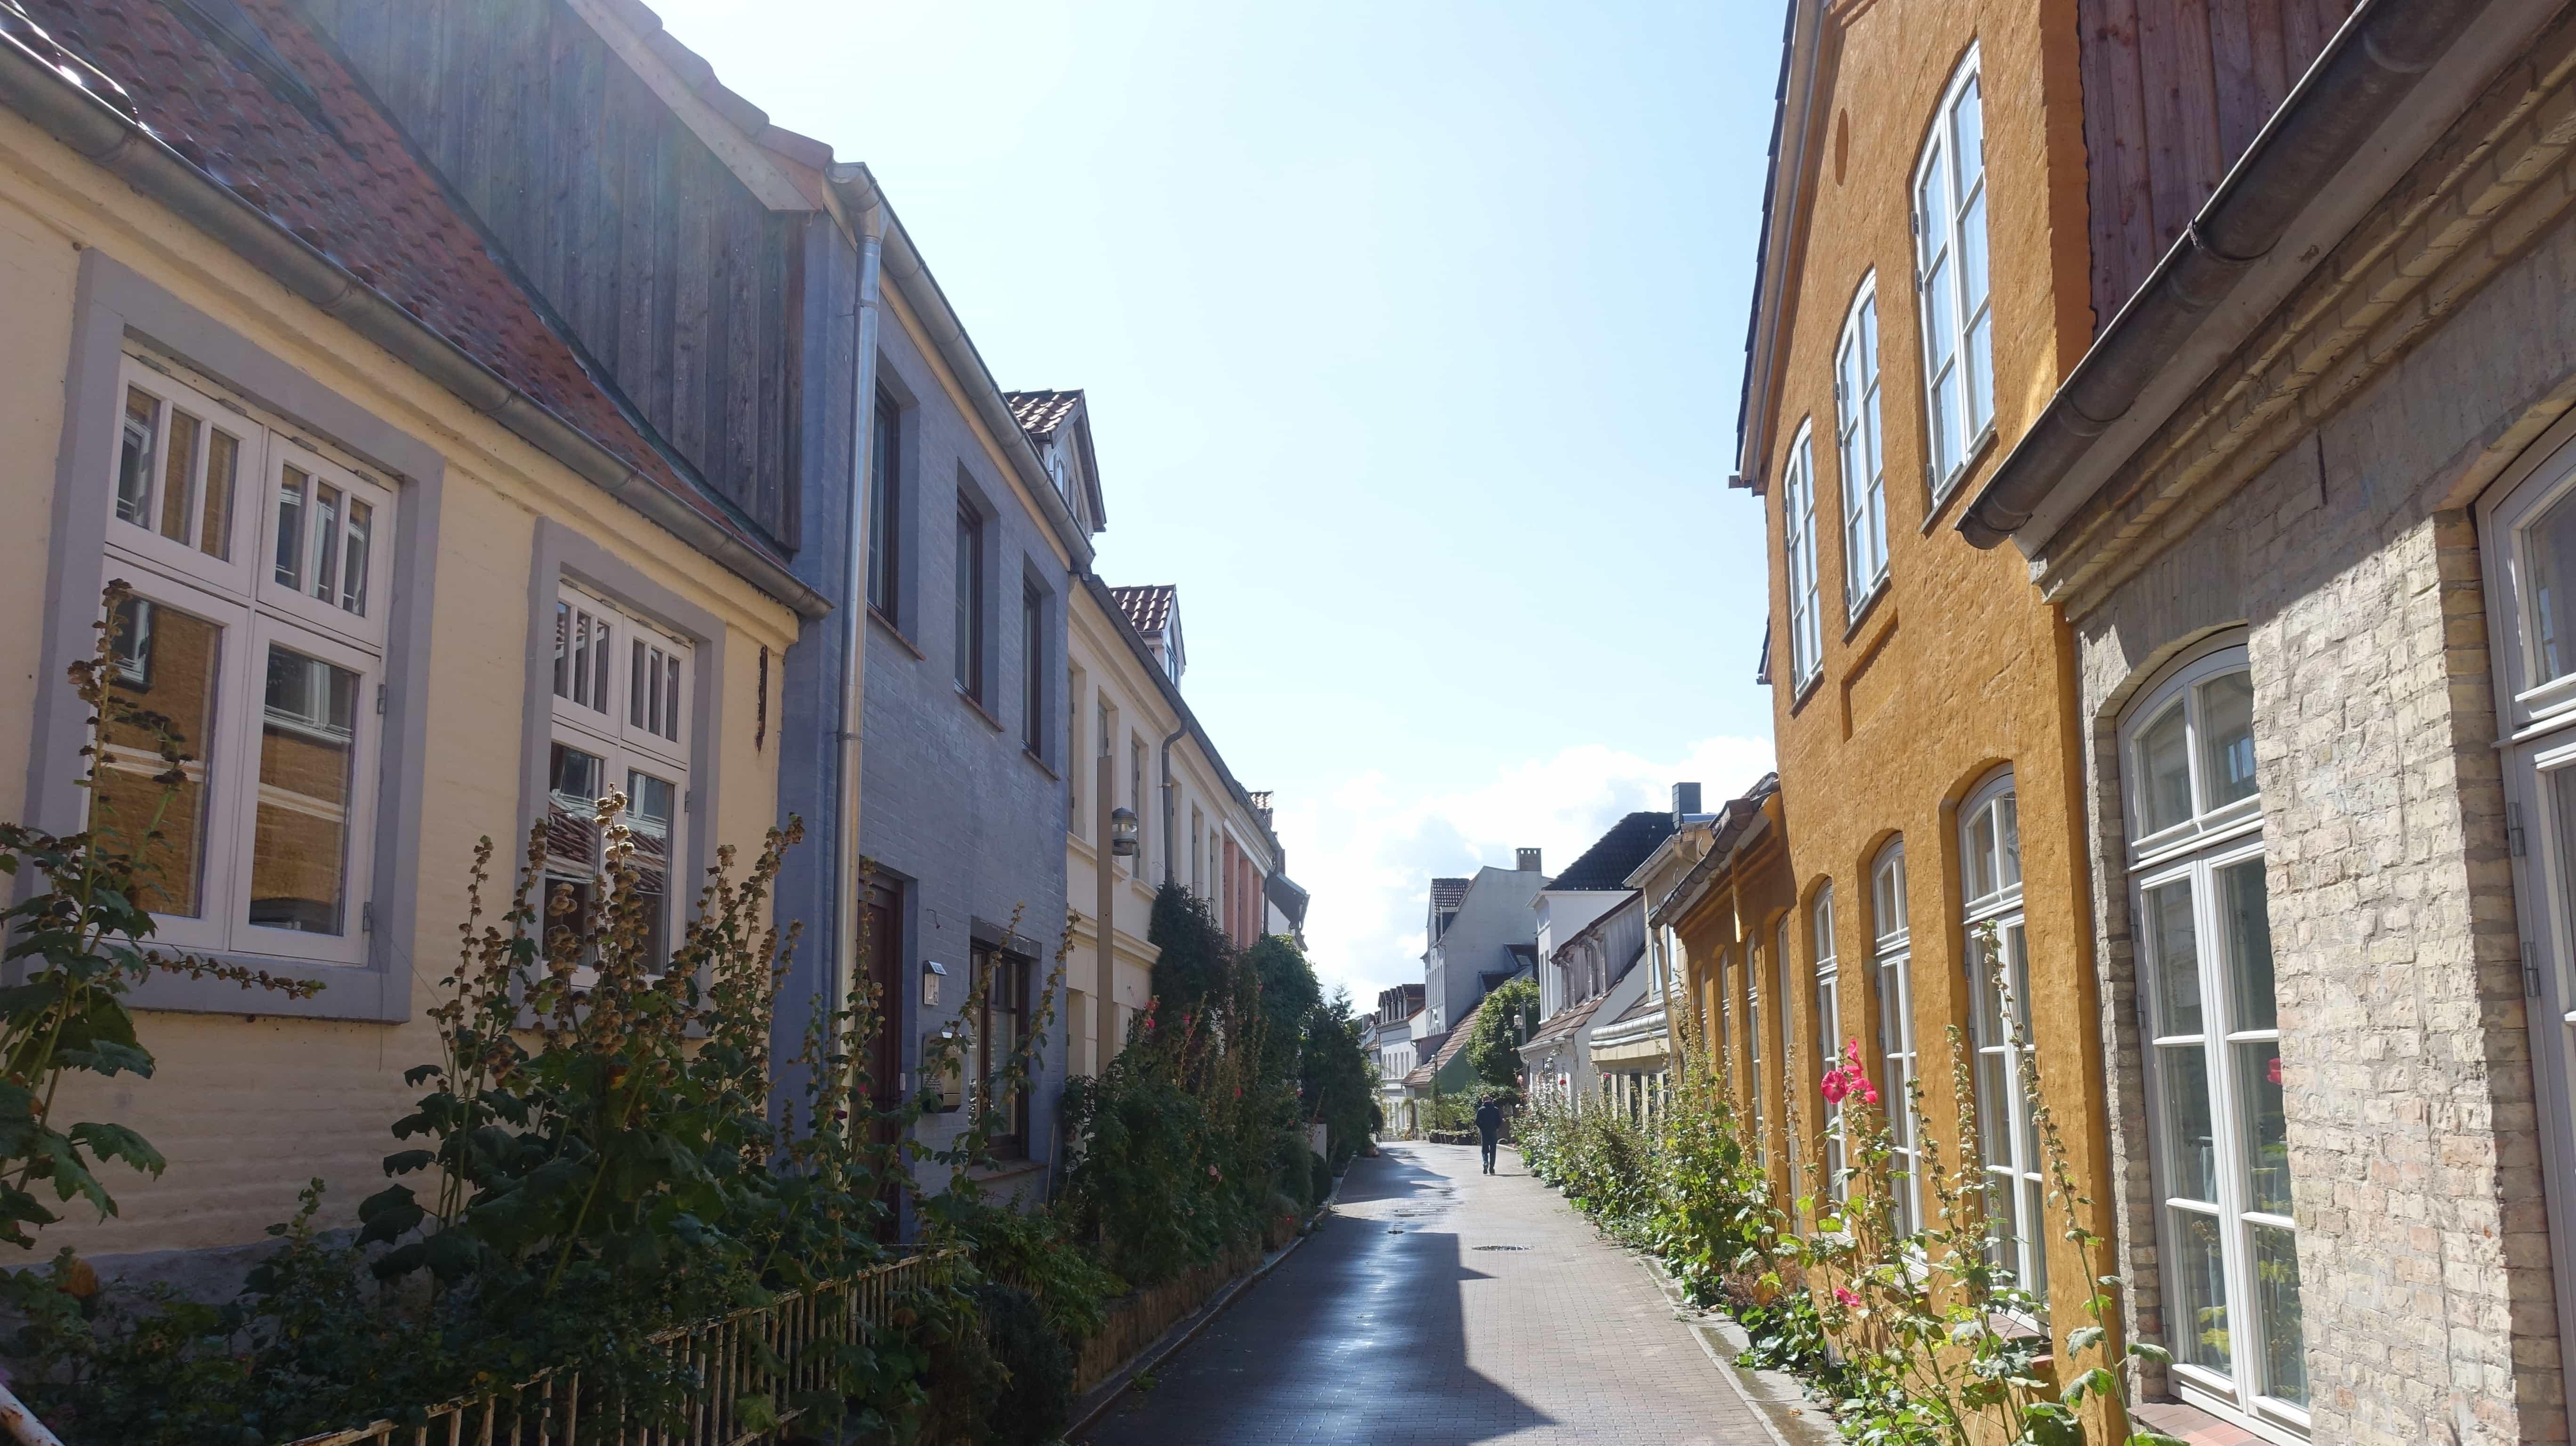 Kleine Gassen in Jürgensby in Flensburg